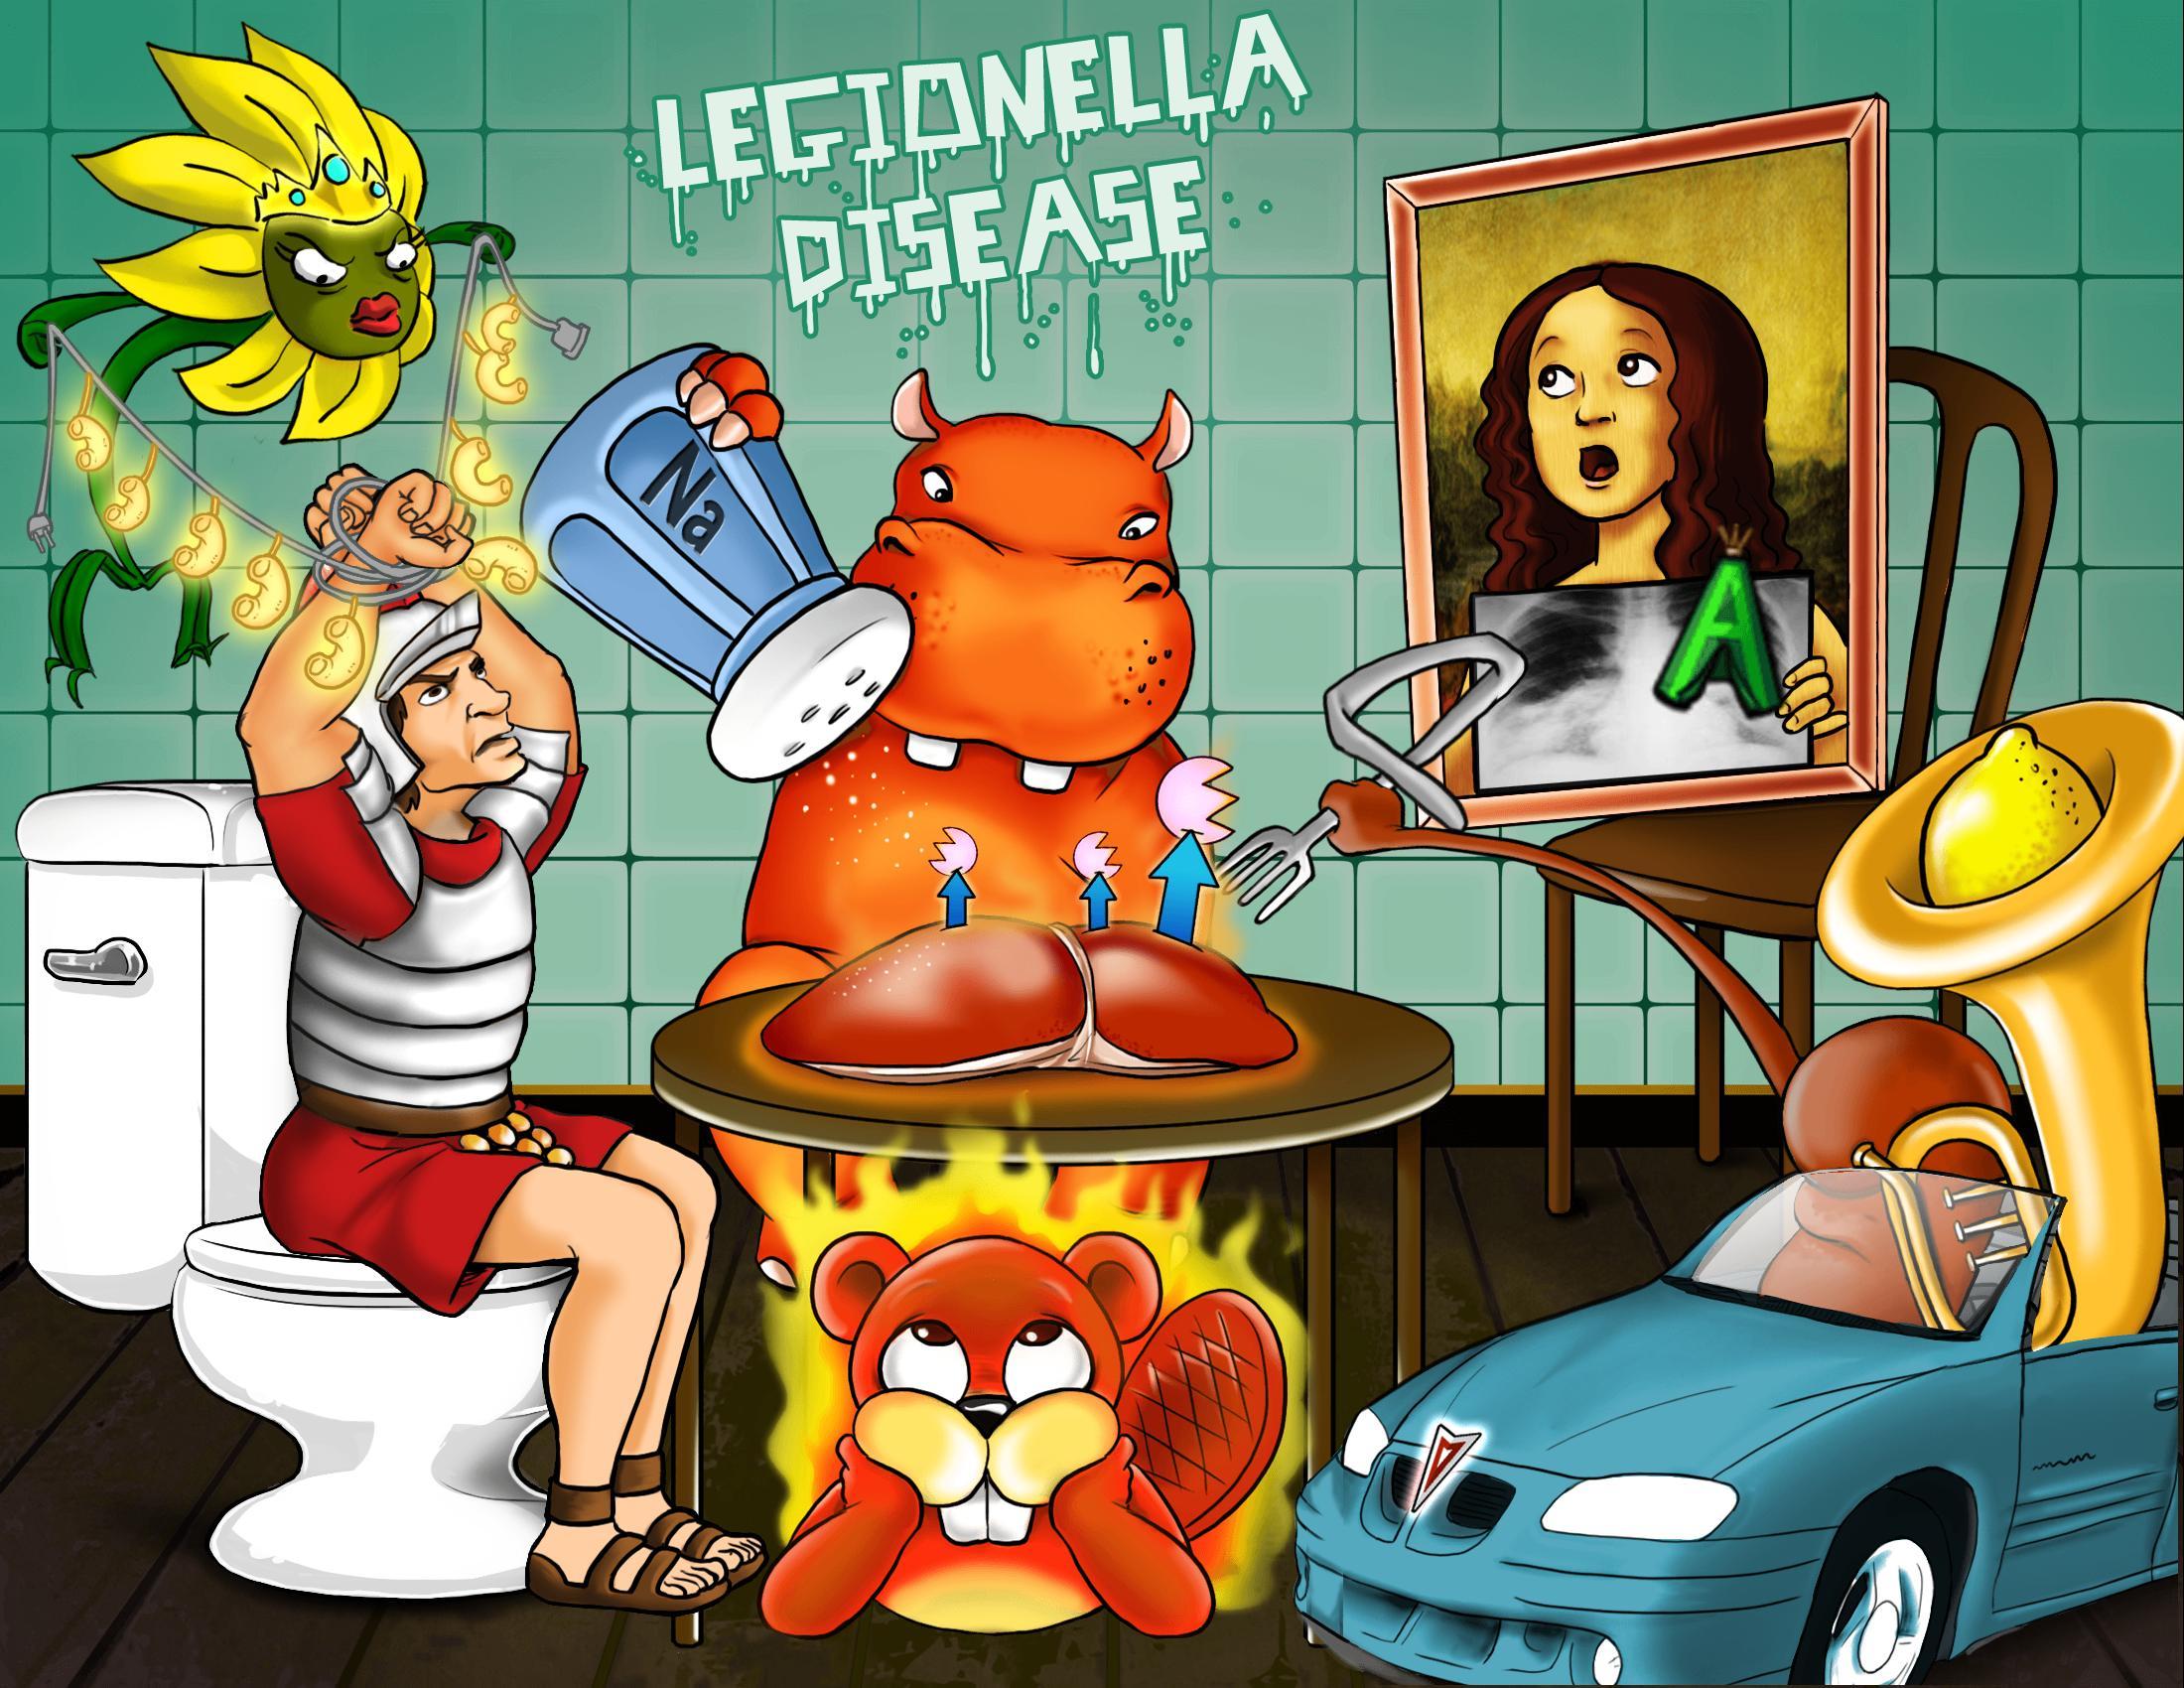 Legionella Disease